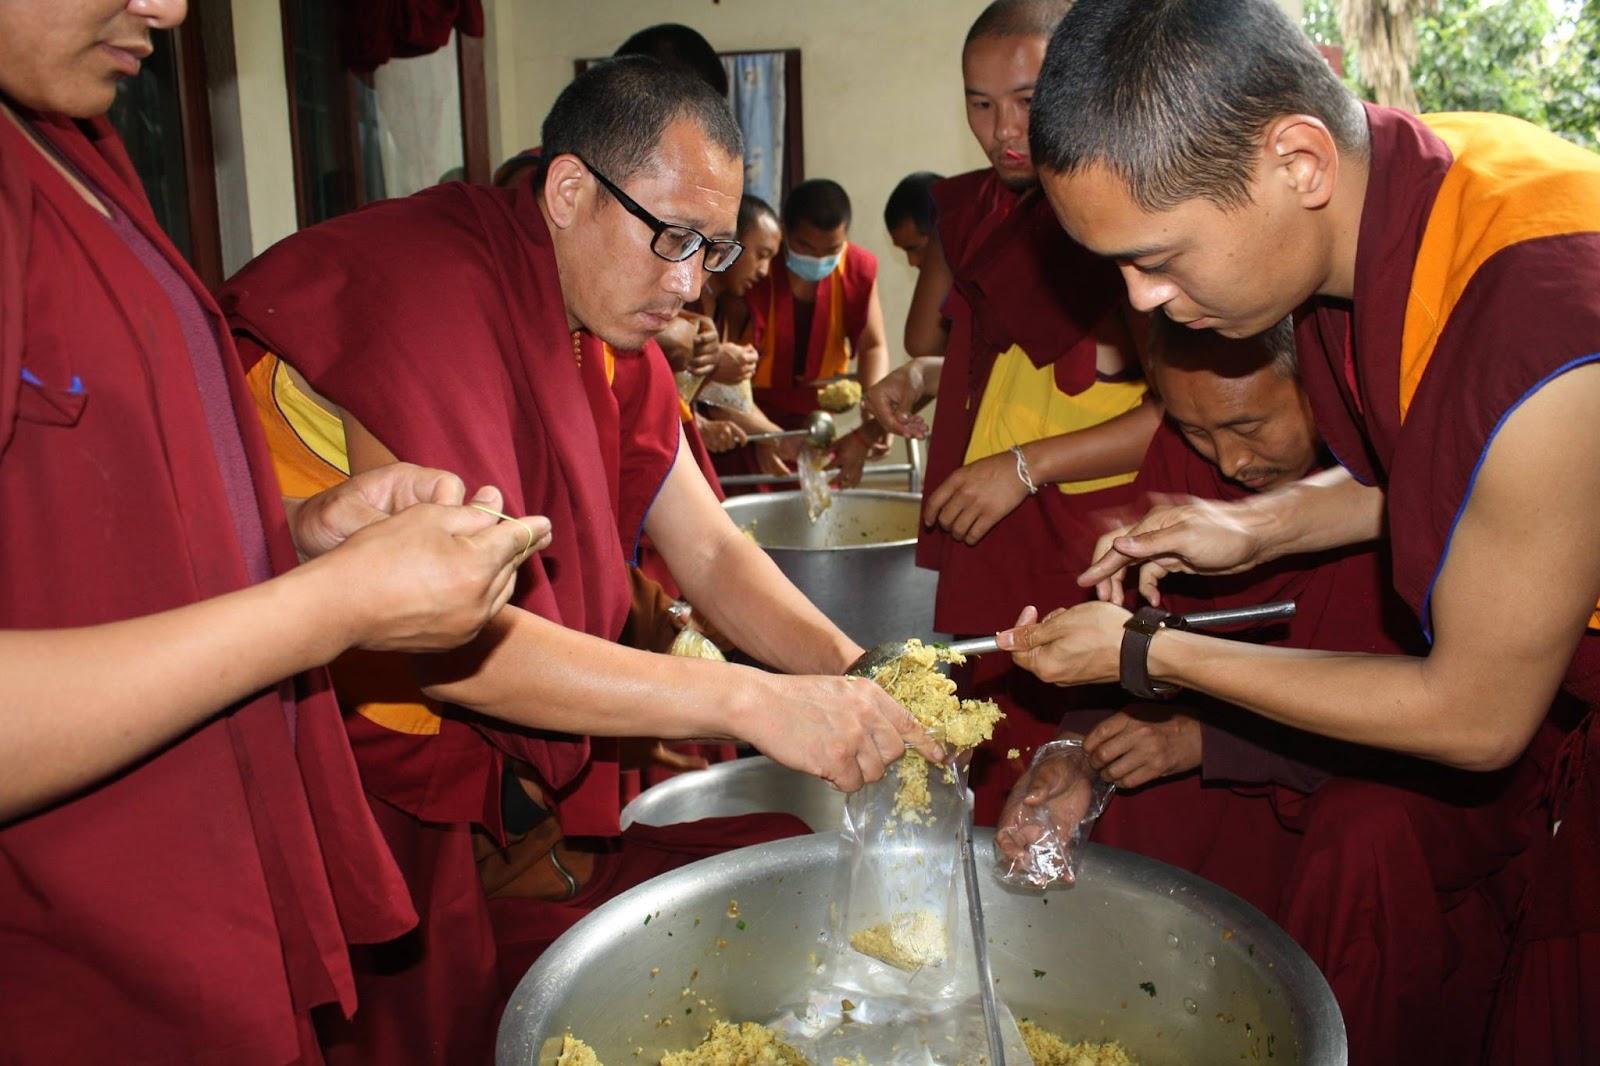 Food aid being prepped at Kopan Monastery.